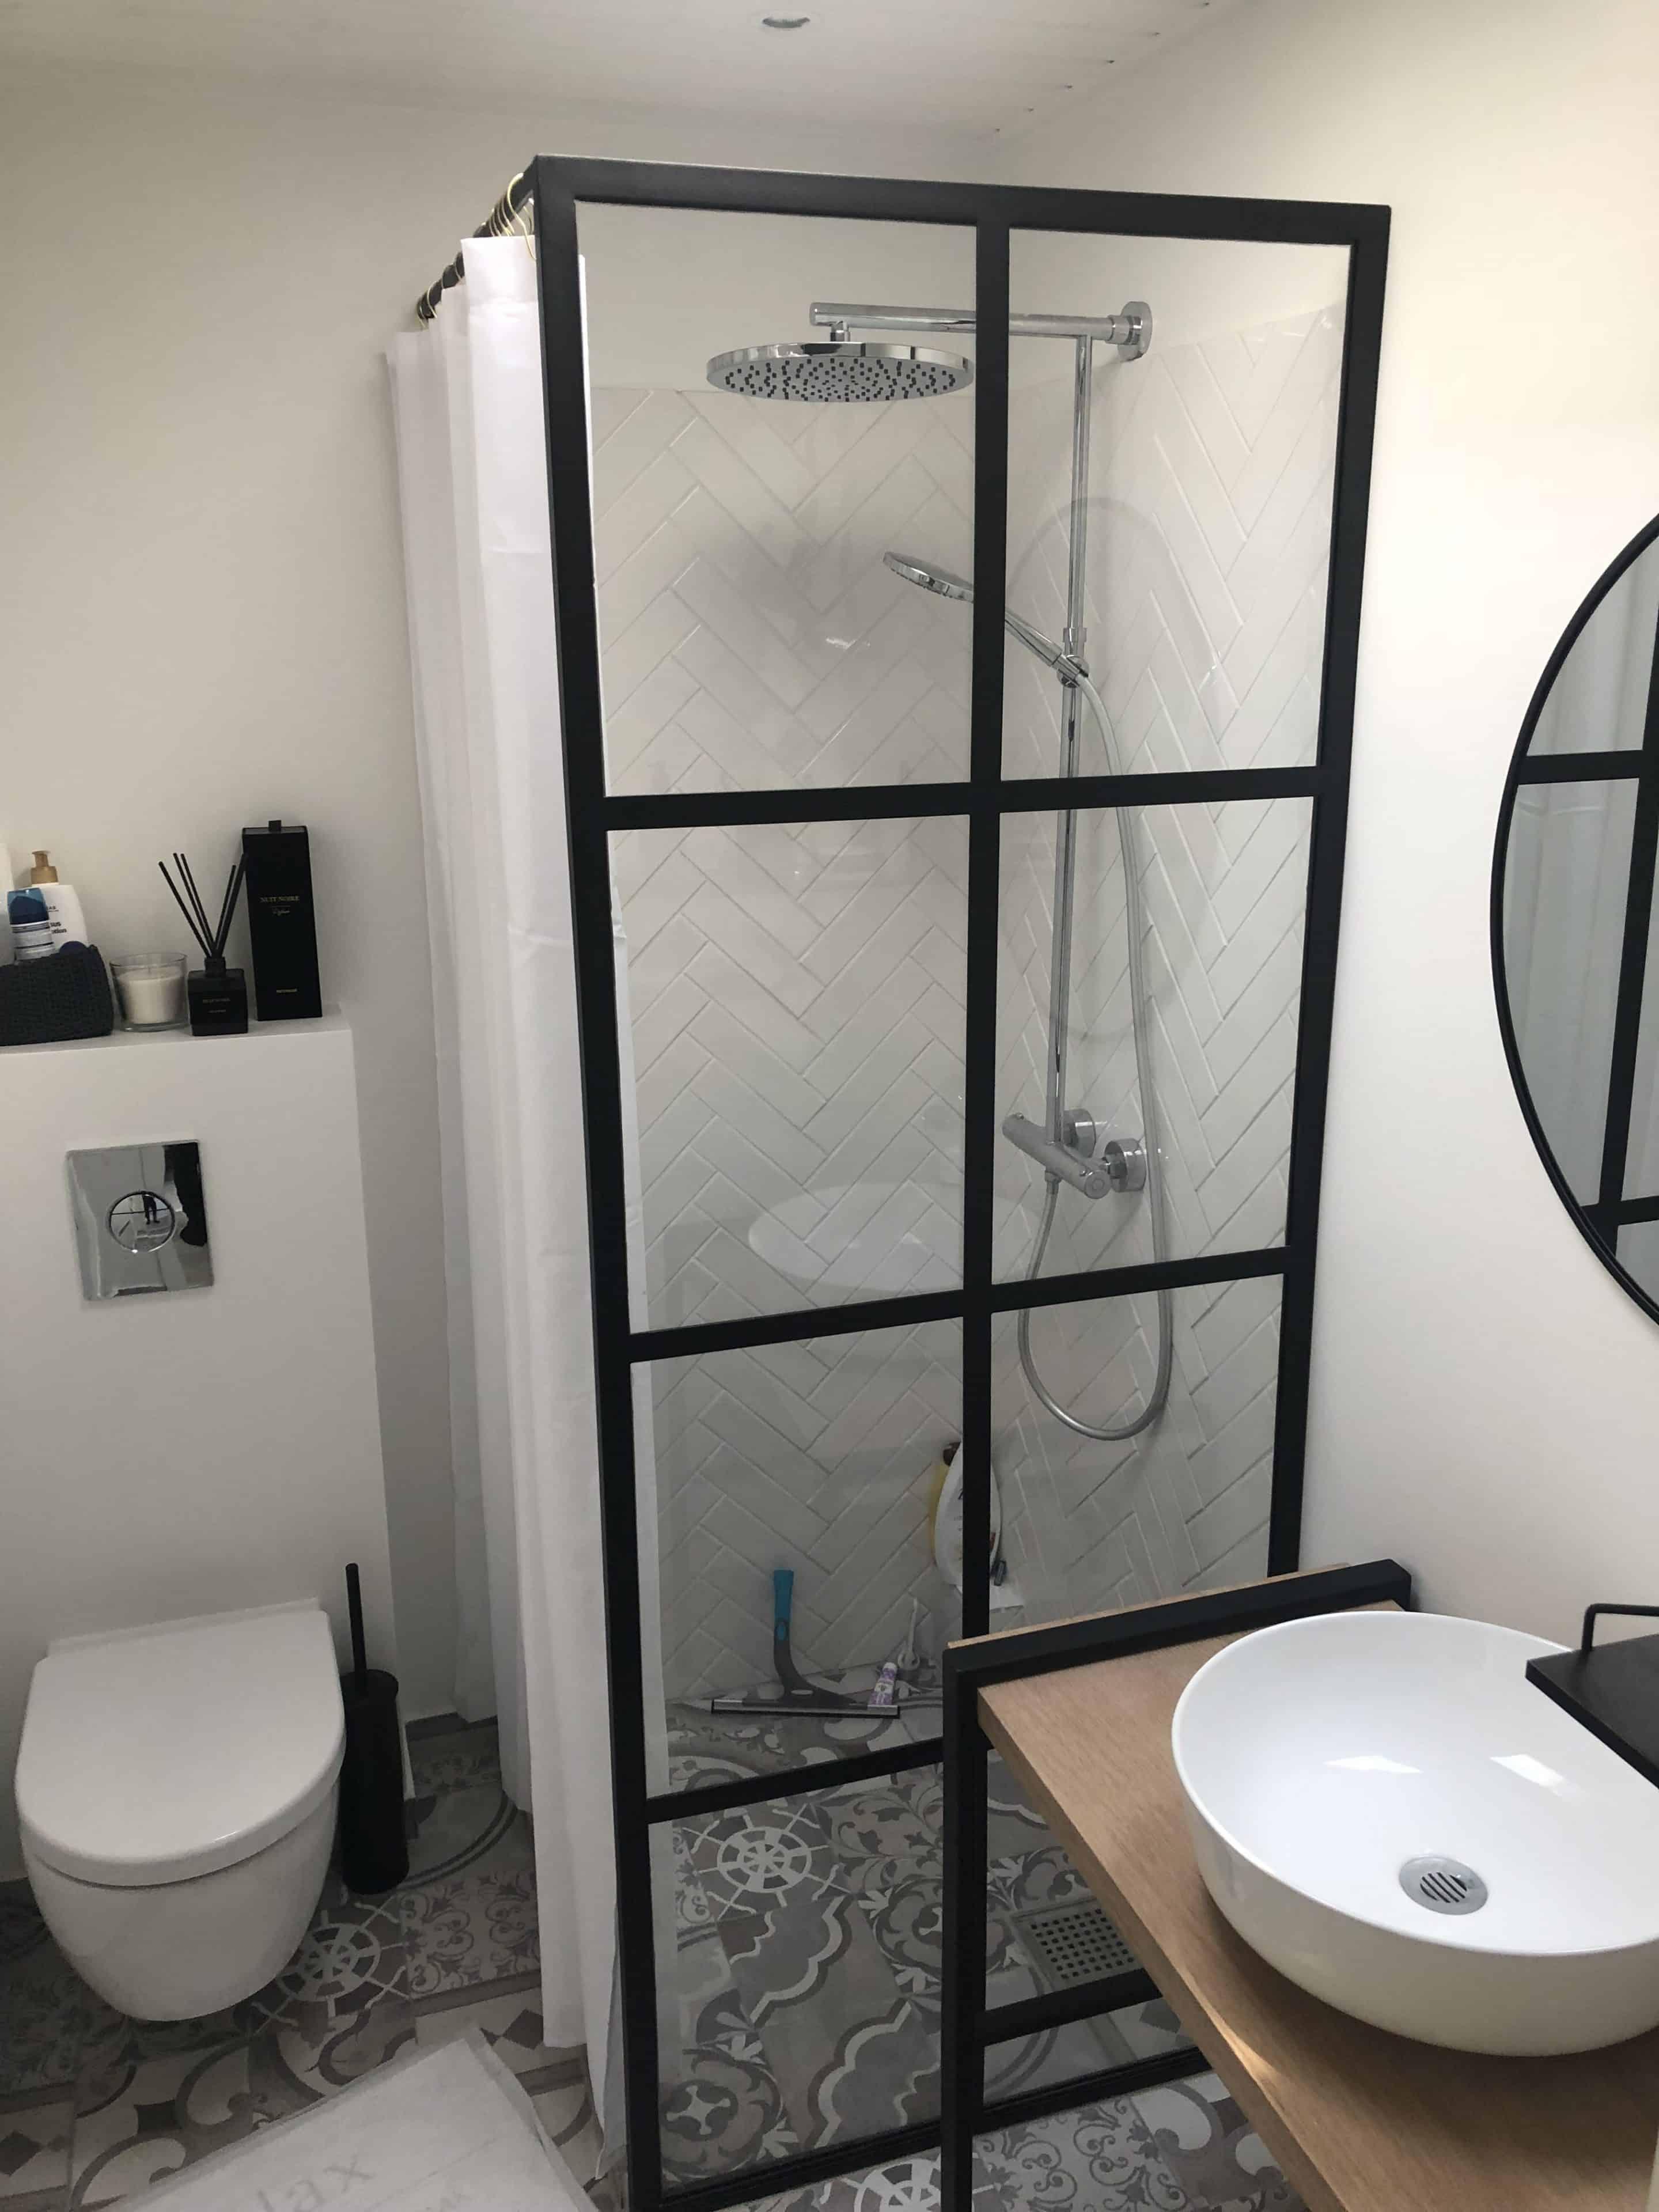 glasvæg badeværelse-glasvæg bad-badeværelse glasvæg-new yorker væg bad